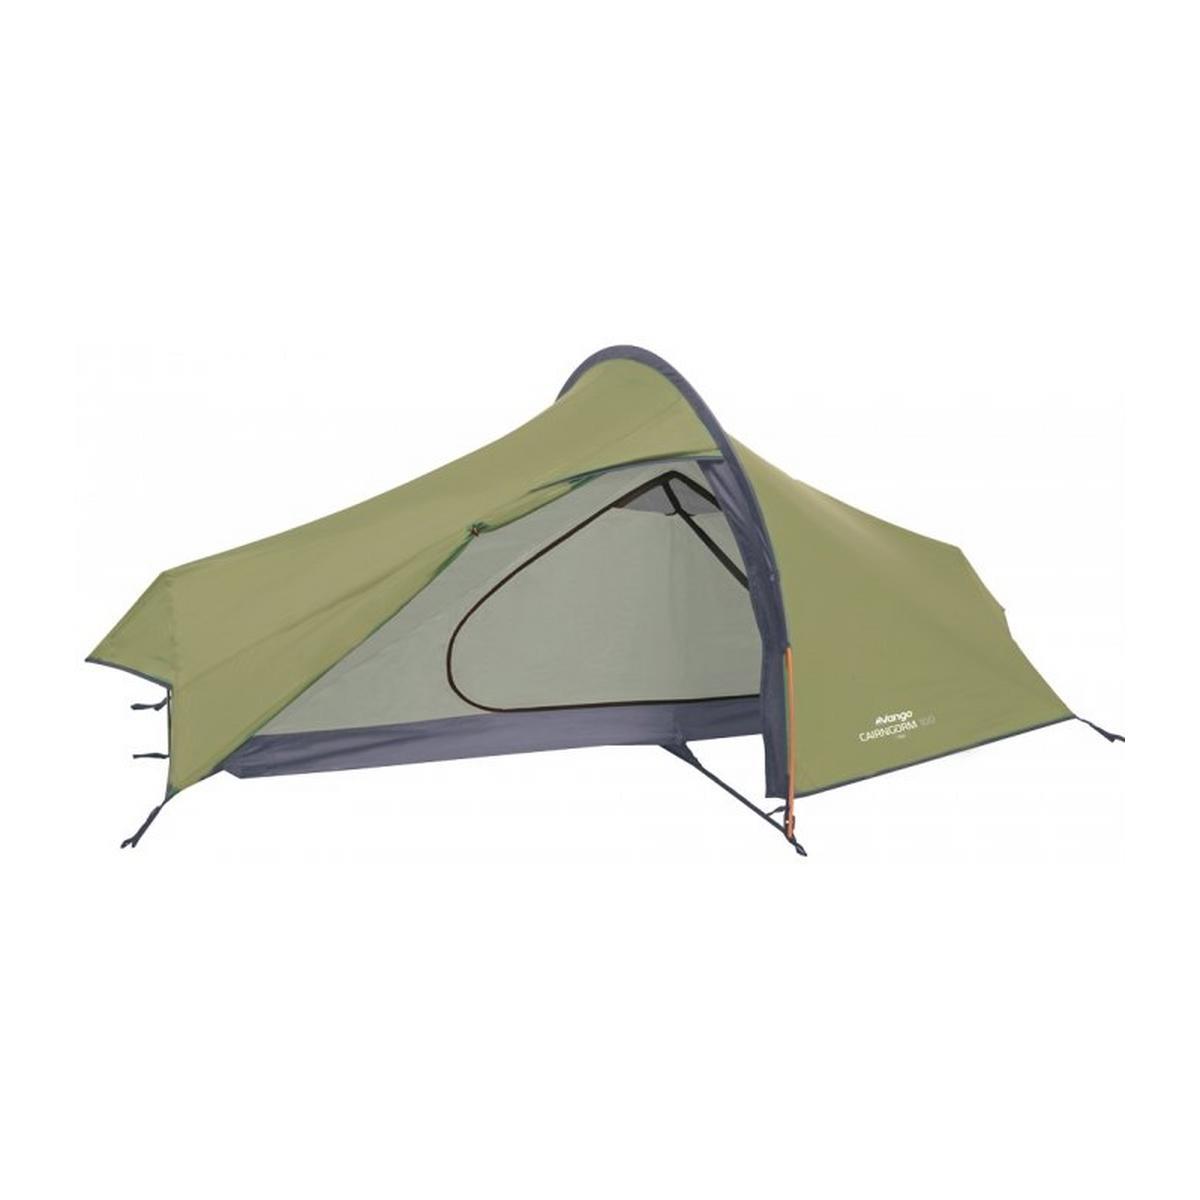 Vango Cairngorm 100 One Man Tent - Dark Moss